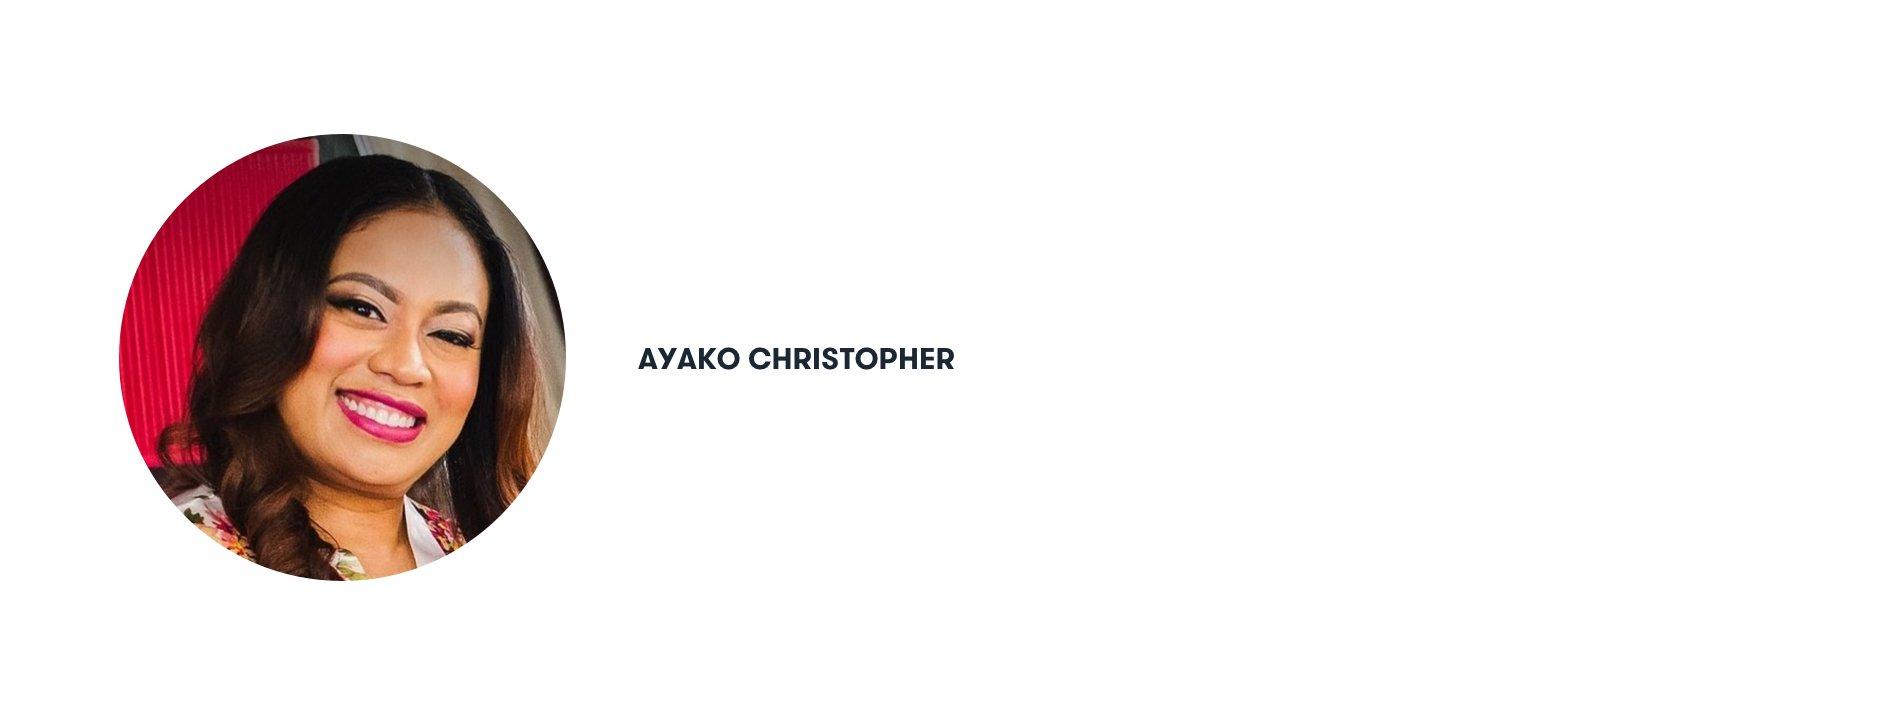 Ayako Christopher